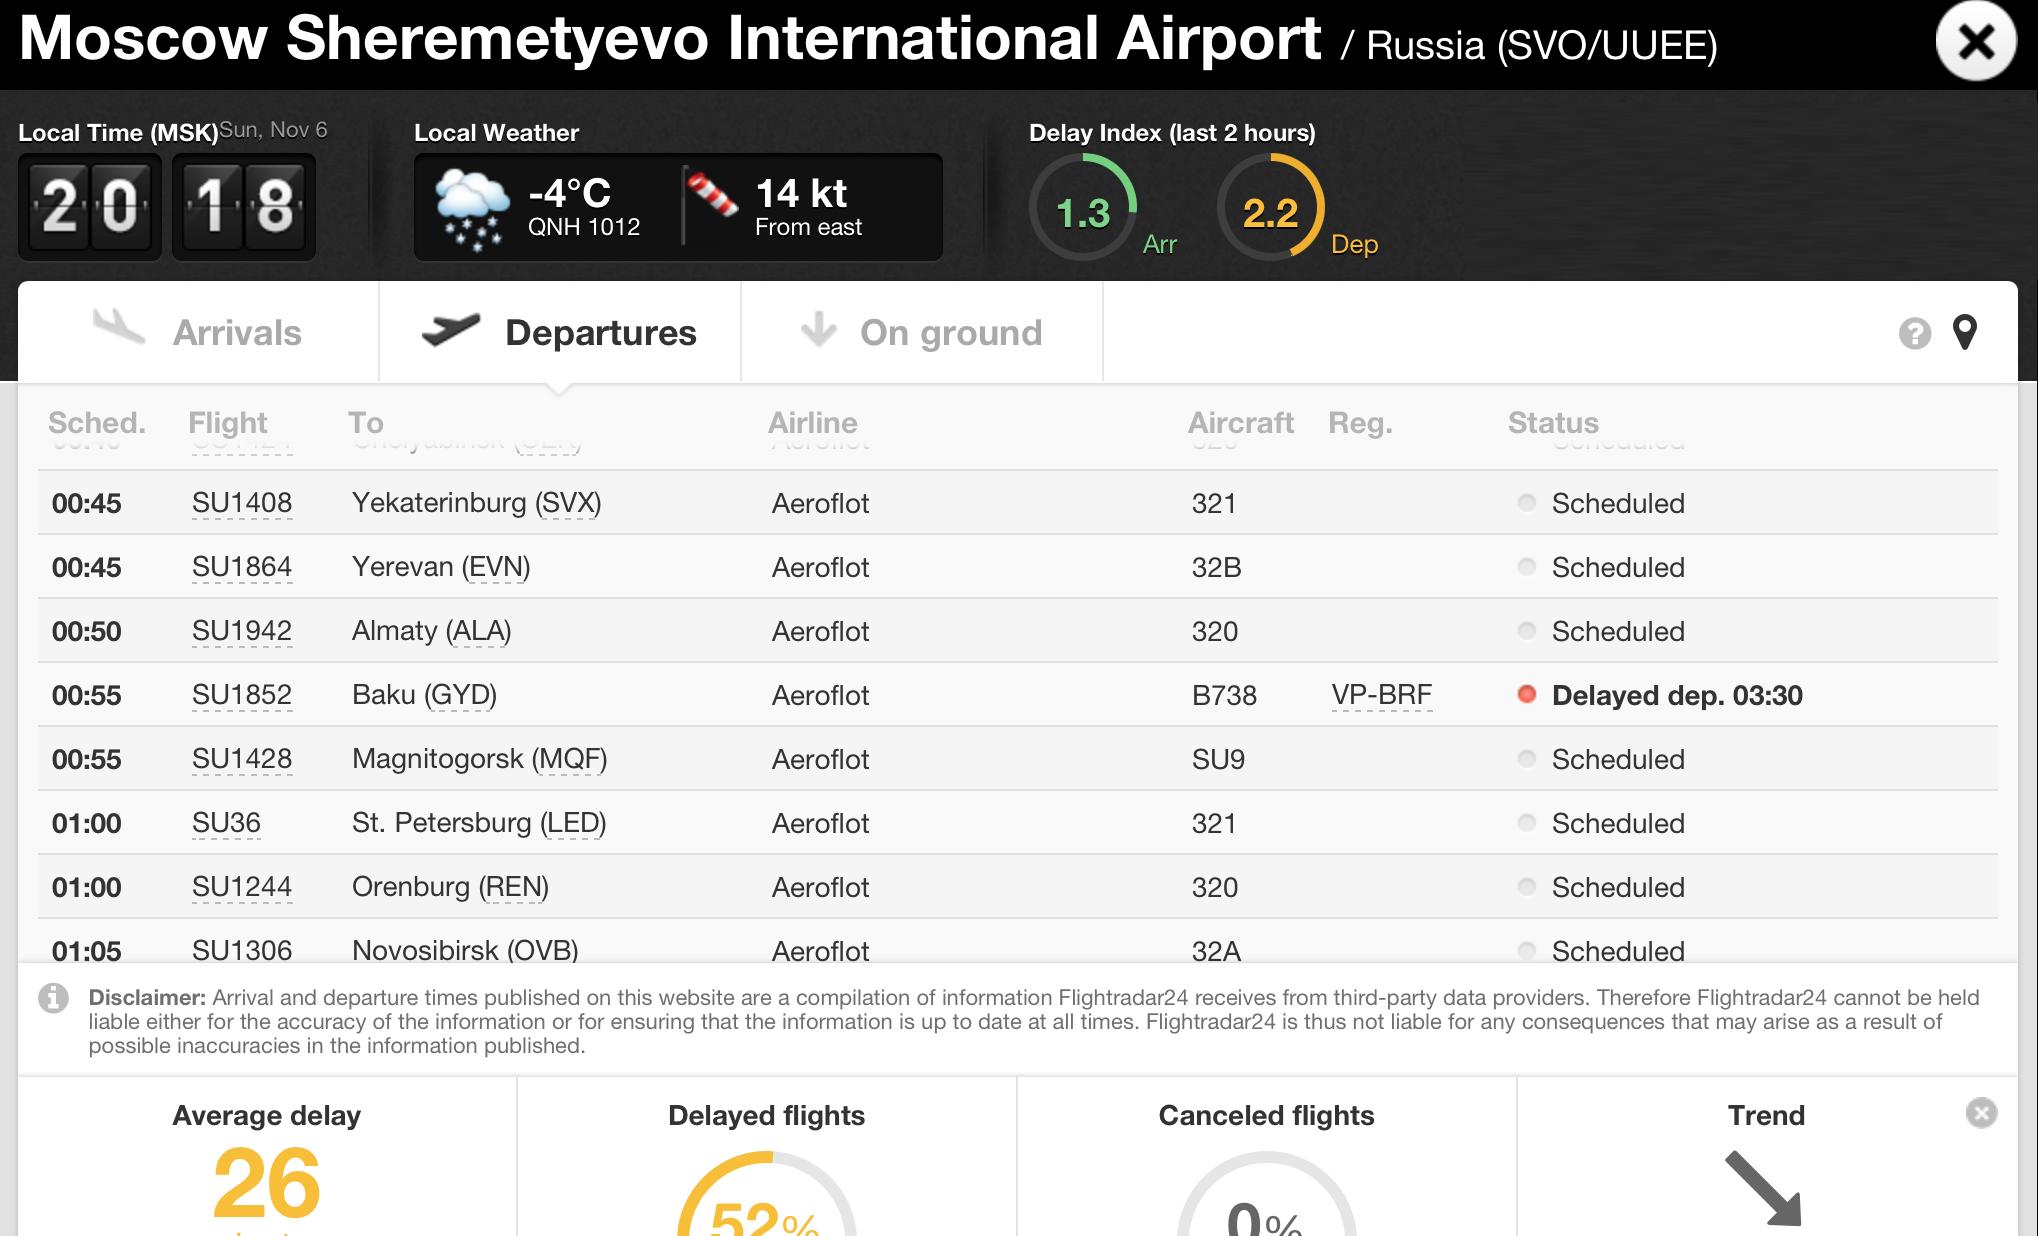 Рейс из Москвы в Баку задержали на 2,5 часа. Эти два часа будет приятнее провести дома